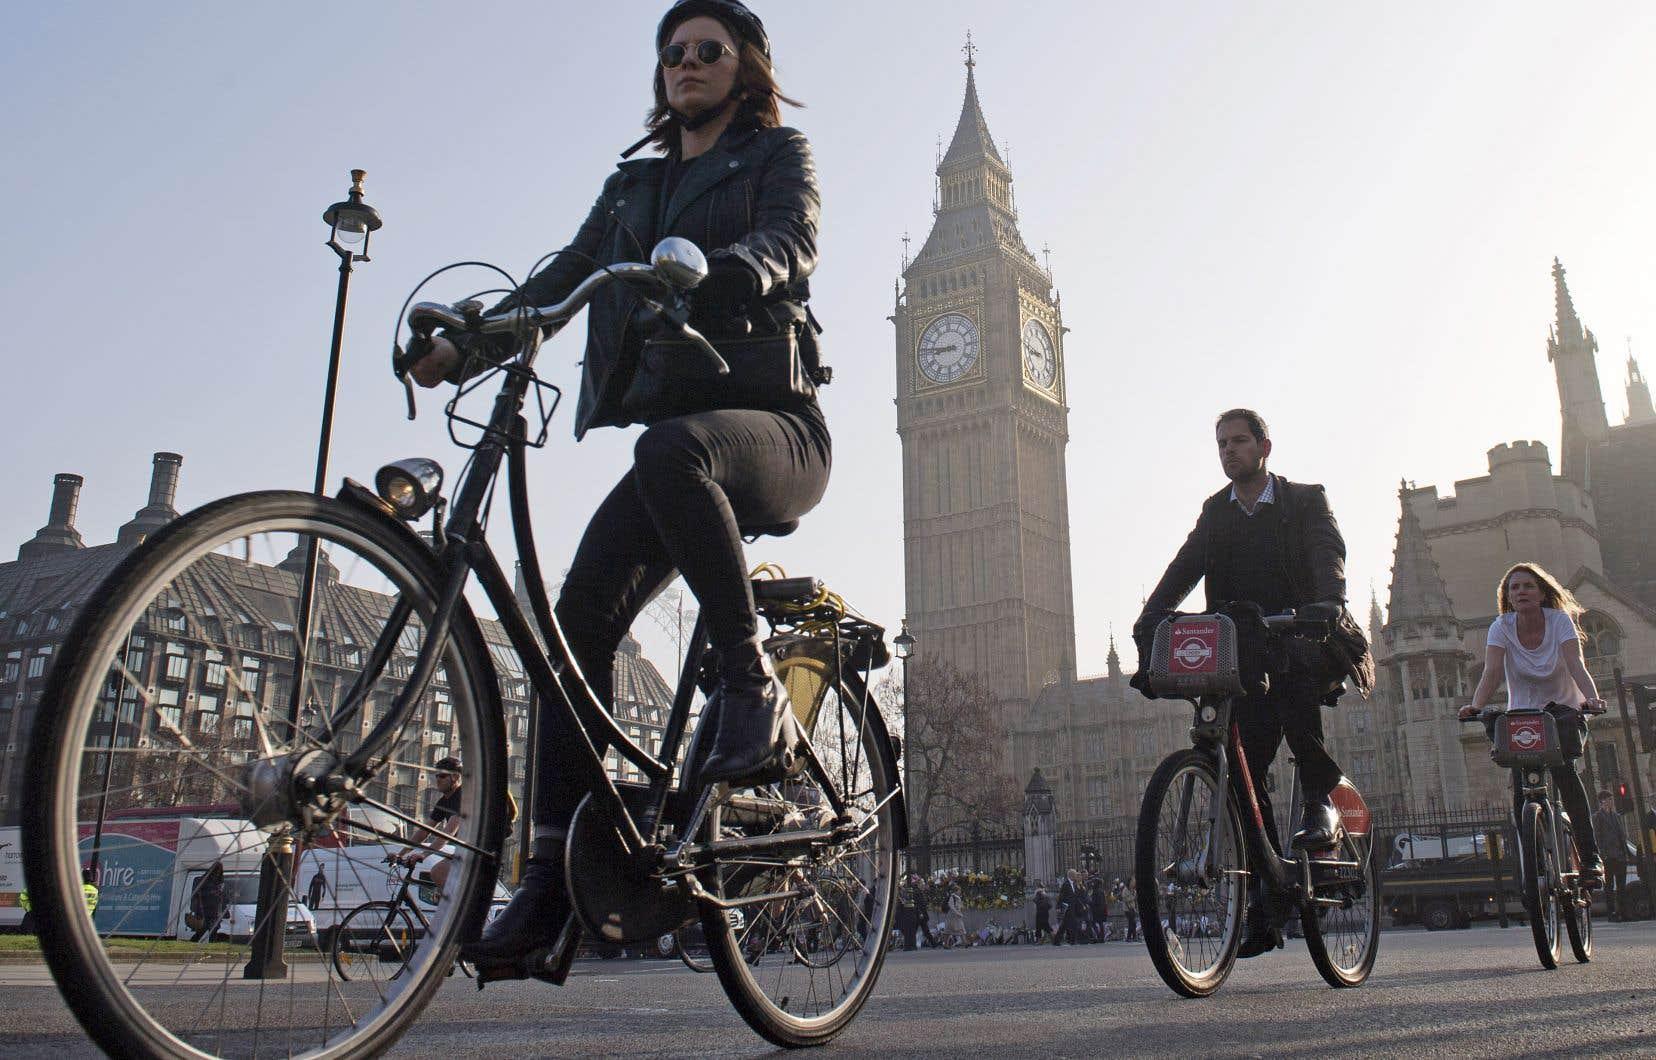 Depuis l'implantation de voies cyclables rapides et protégées, on parle d'une augmentation de 70% du nombre de cyclistes dans certains secteurs de la capitale britannique.